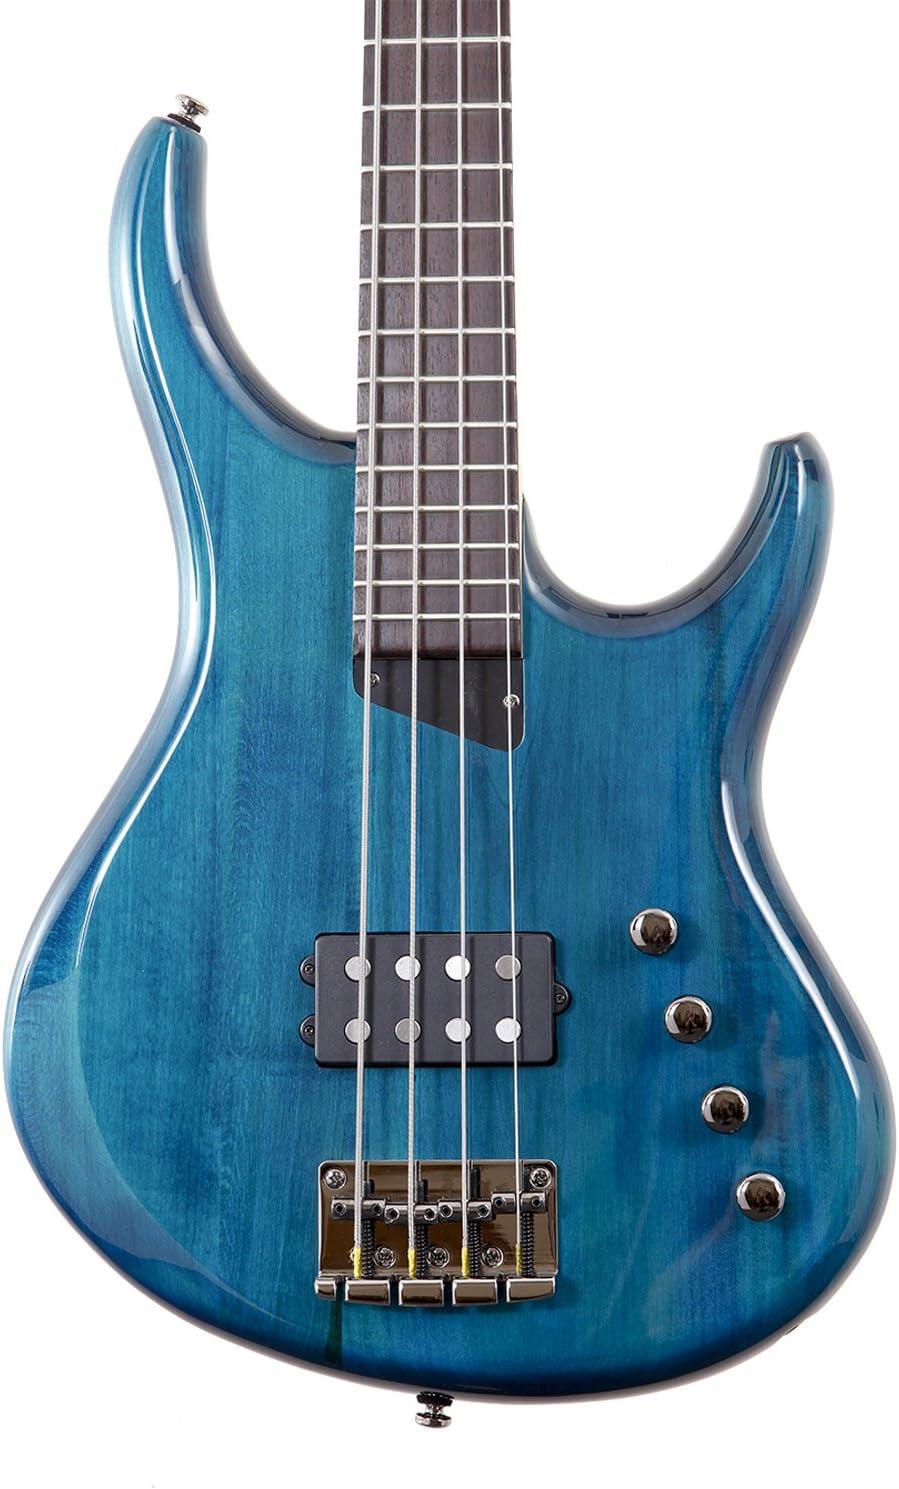 MTD Kingston The Artist Bass